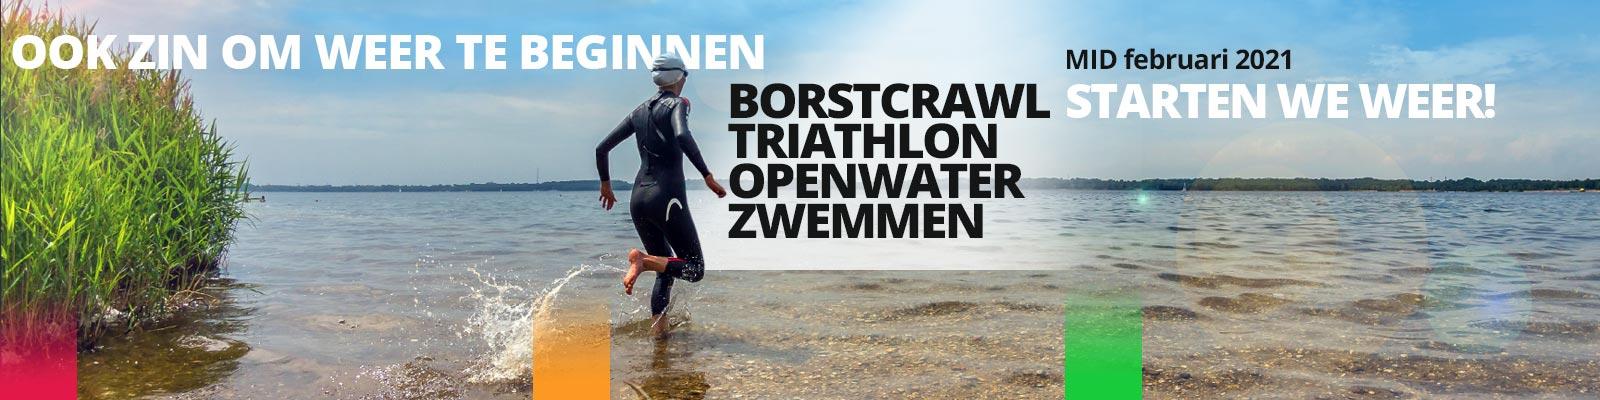 Leer beter borstcrawl zwemmen met Apexswim zwemtrainingen in friesland